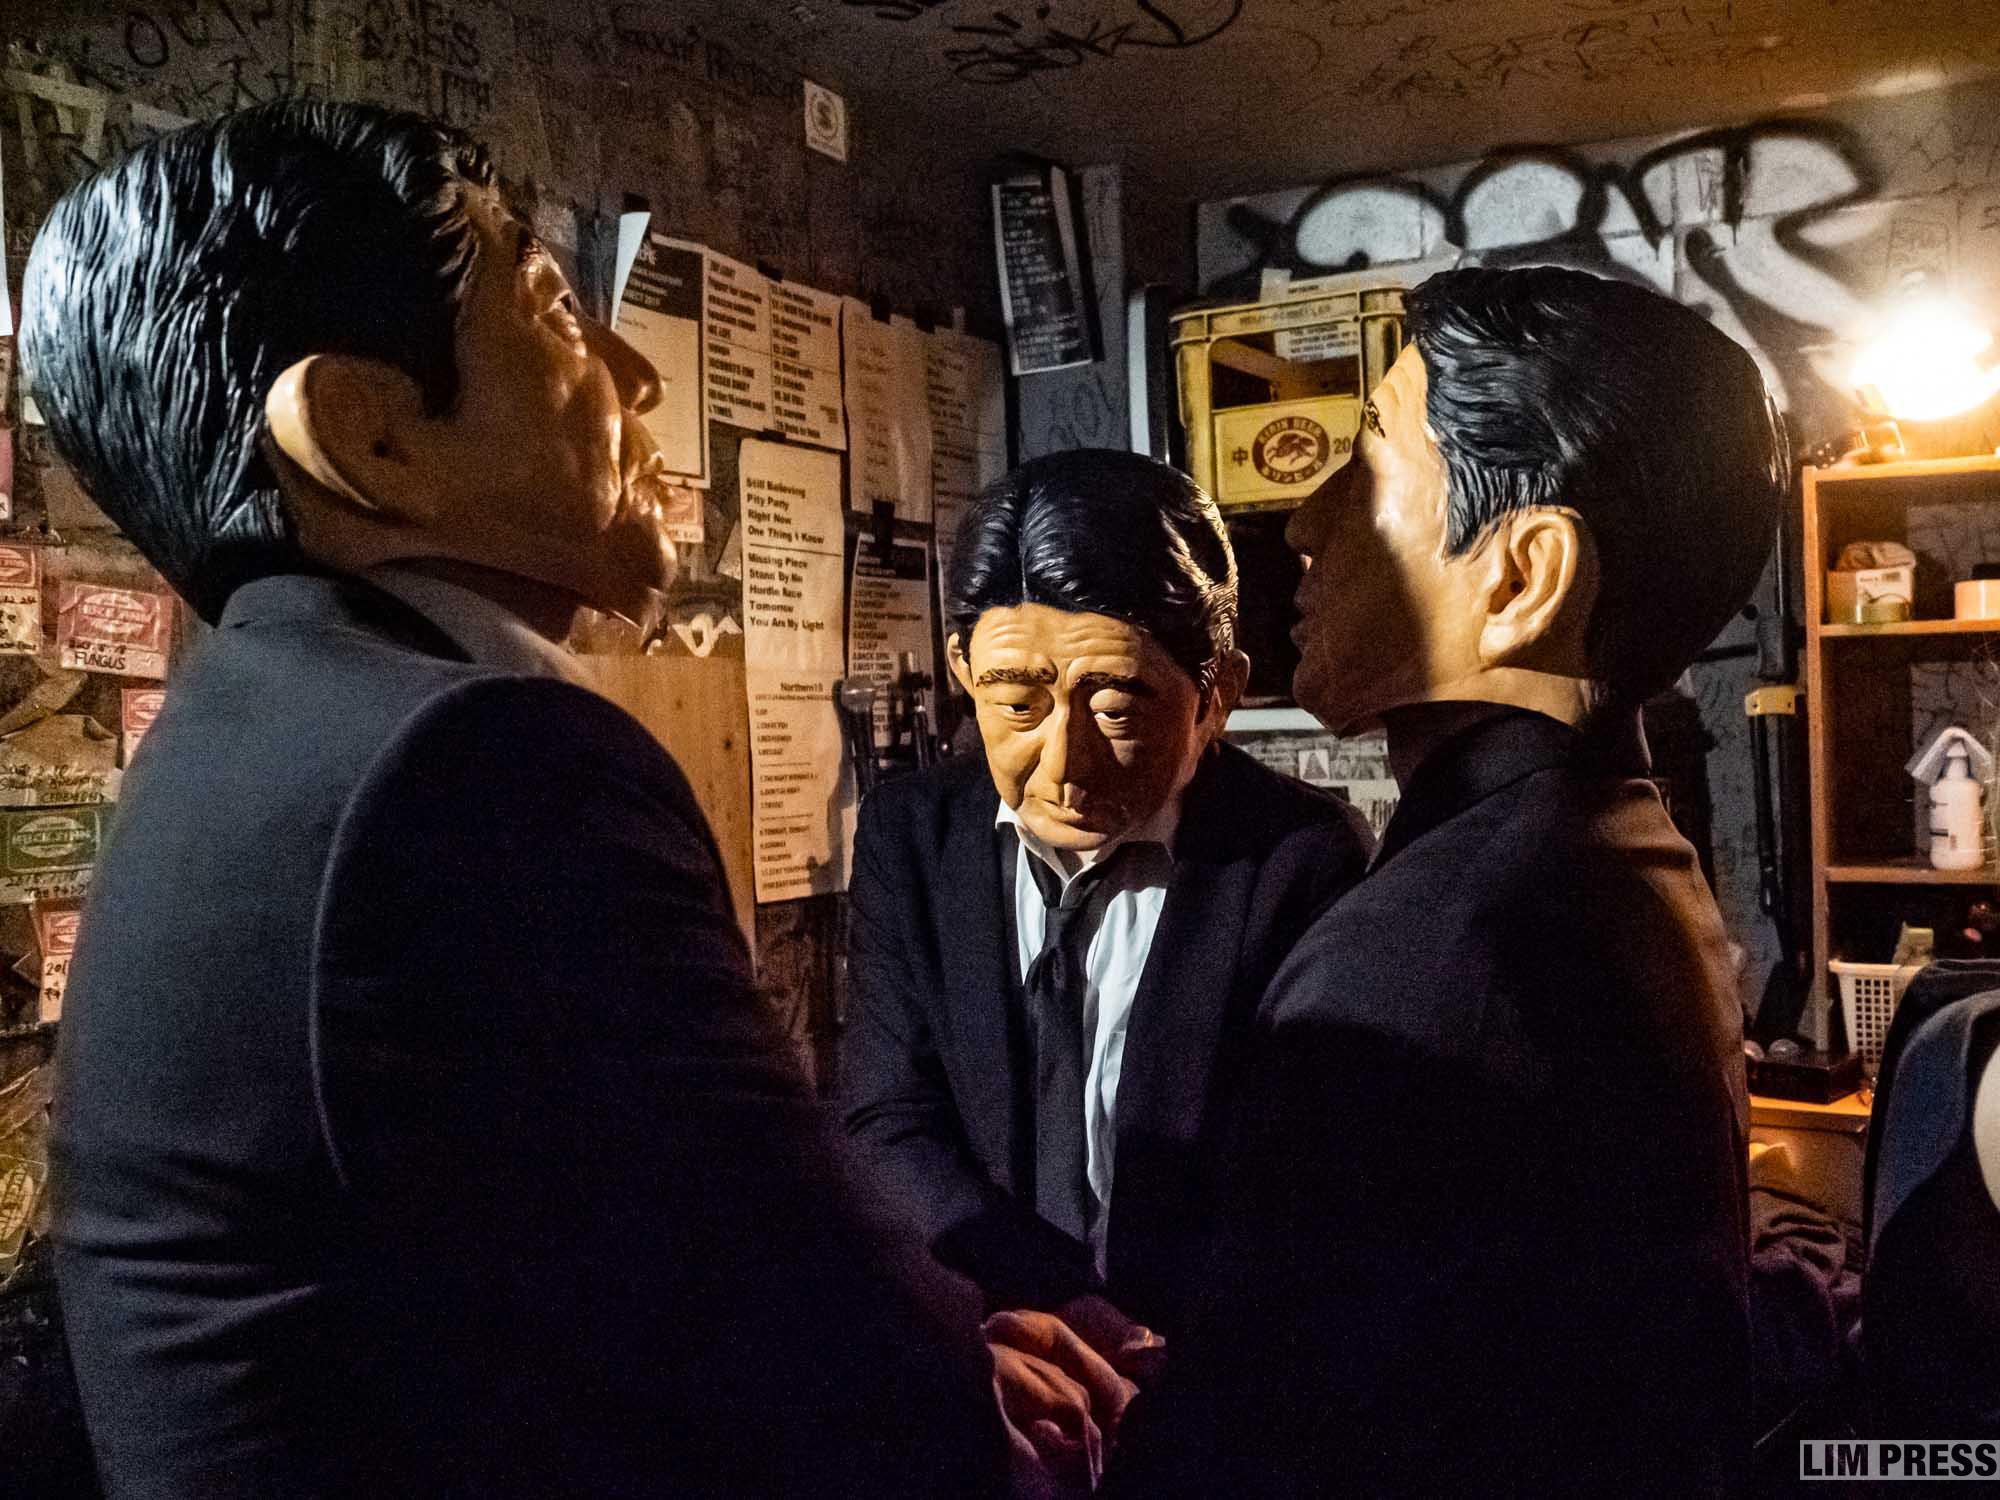 KING BROTHERS | 愛知 名古屋 HUCK FINN | 2020.06.28